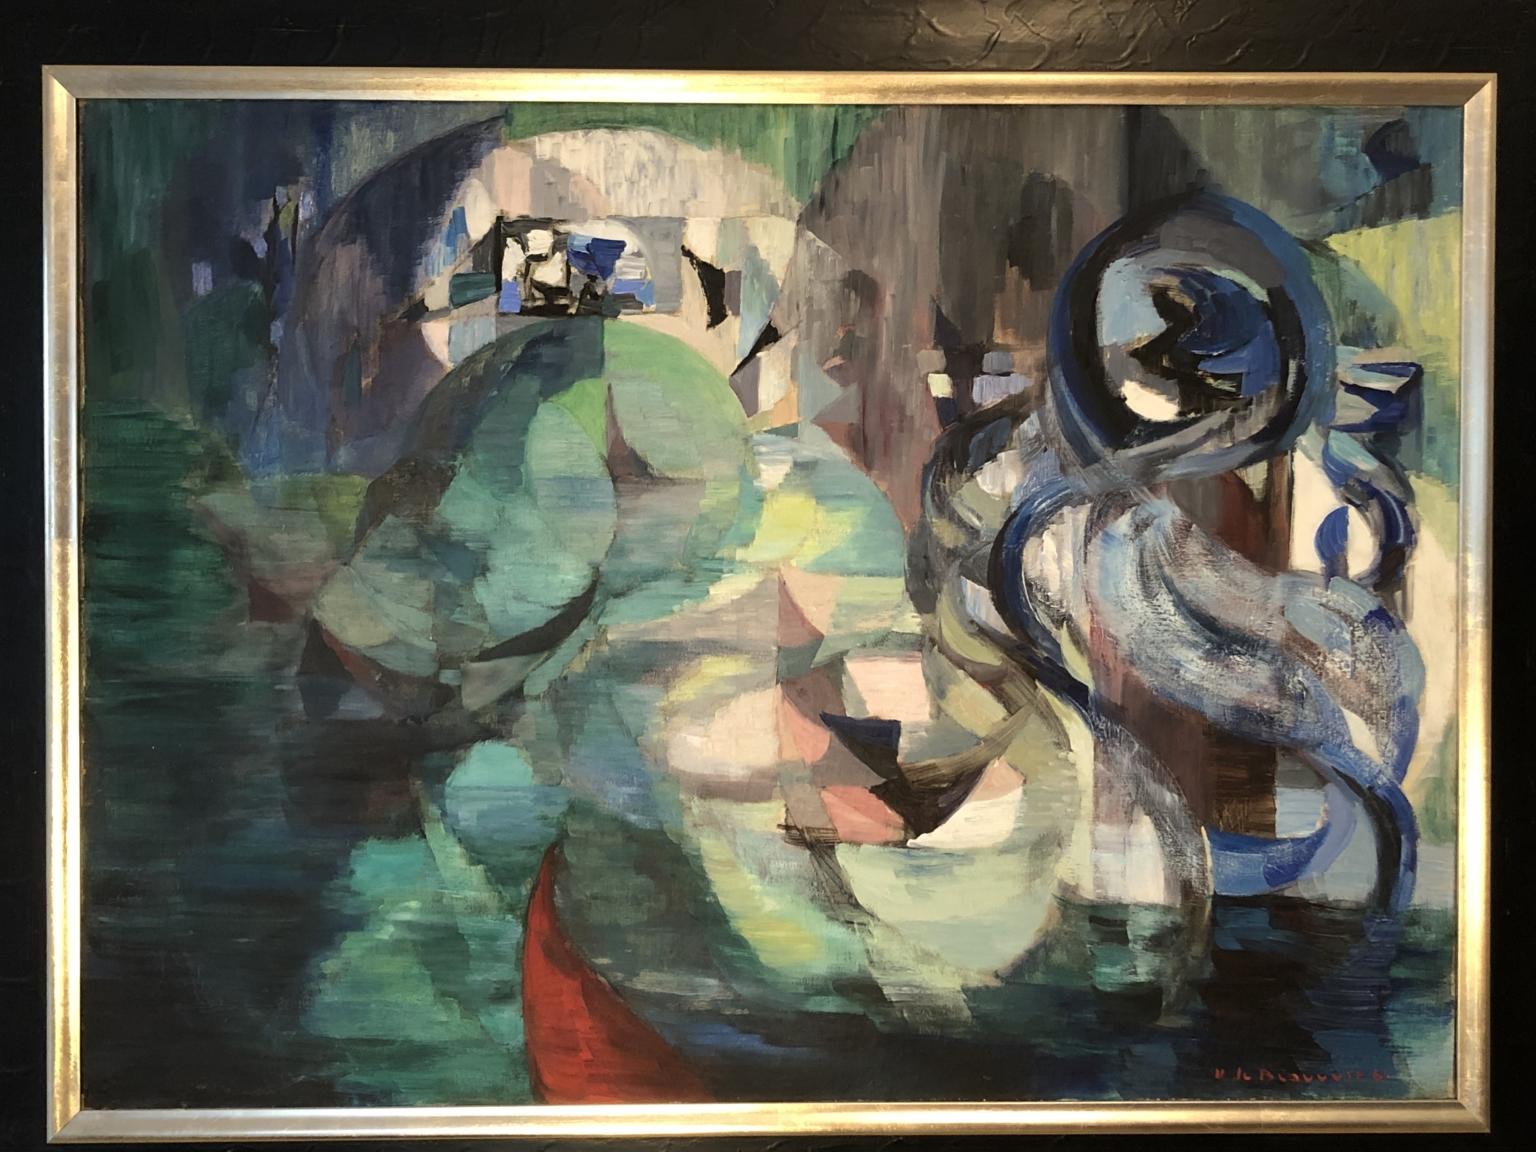 Bild des Werkes mit dem Titel: Venise (Venedig)